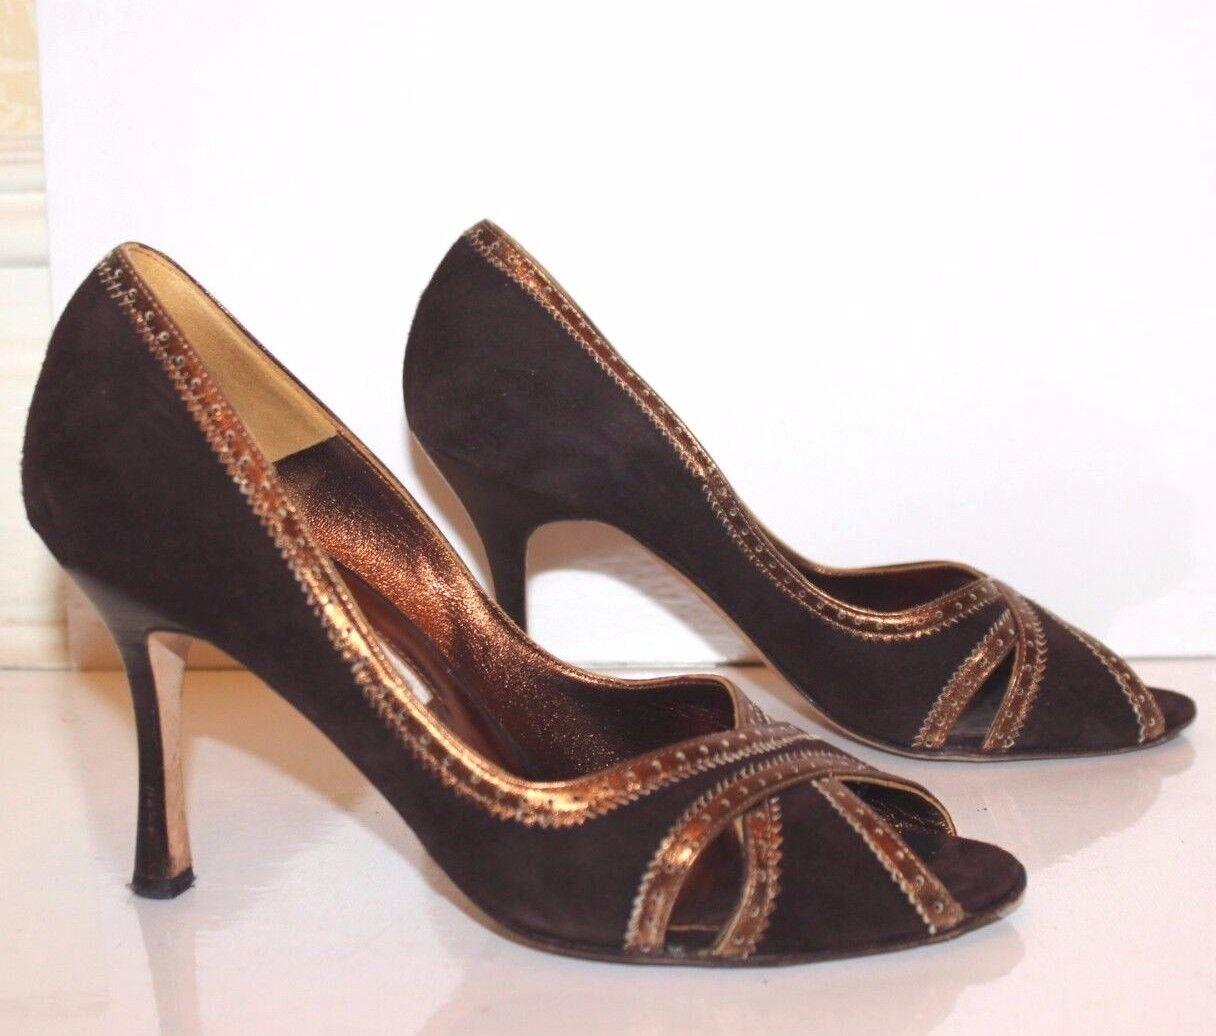 Manolo Blahnik Shoes Brown Suede & Bronze  Peep Toe Pumps size 38 EUR